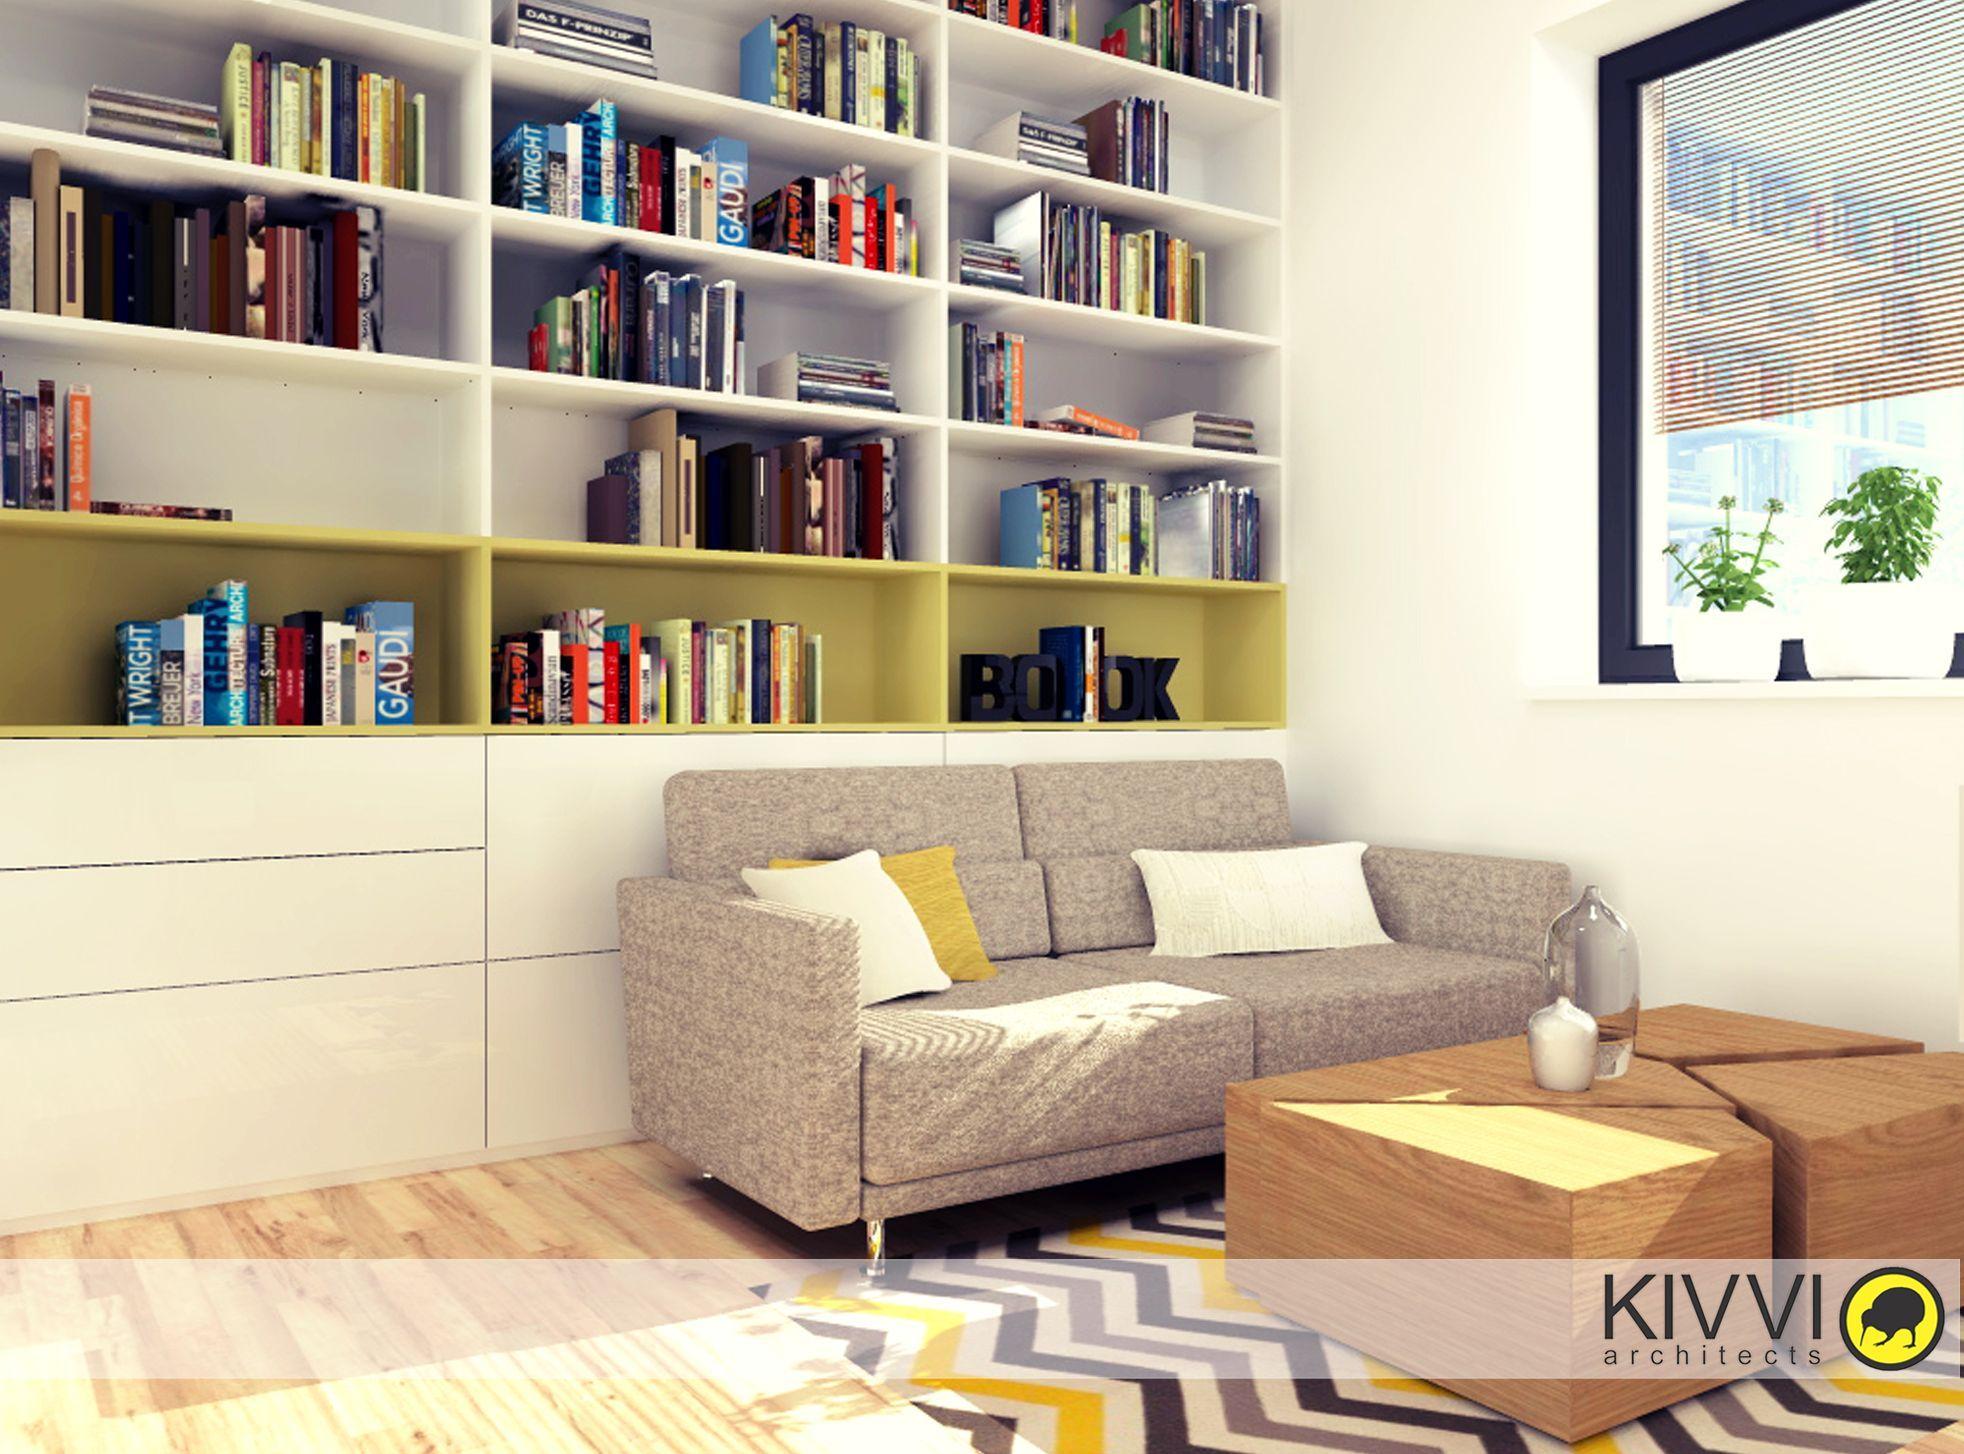 Návrh interiéru pracovne Interiérov½ dizajn od Kivvi